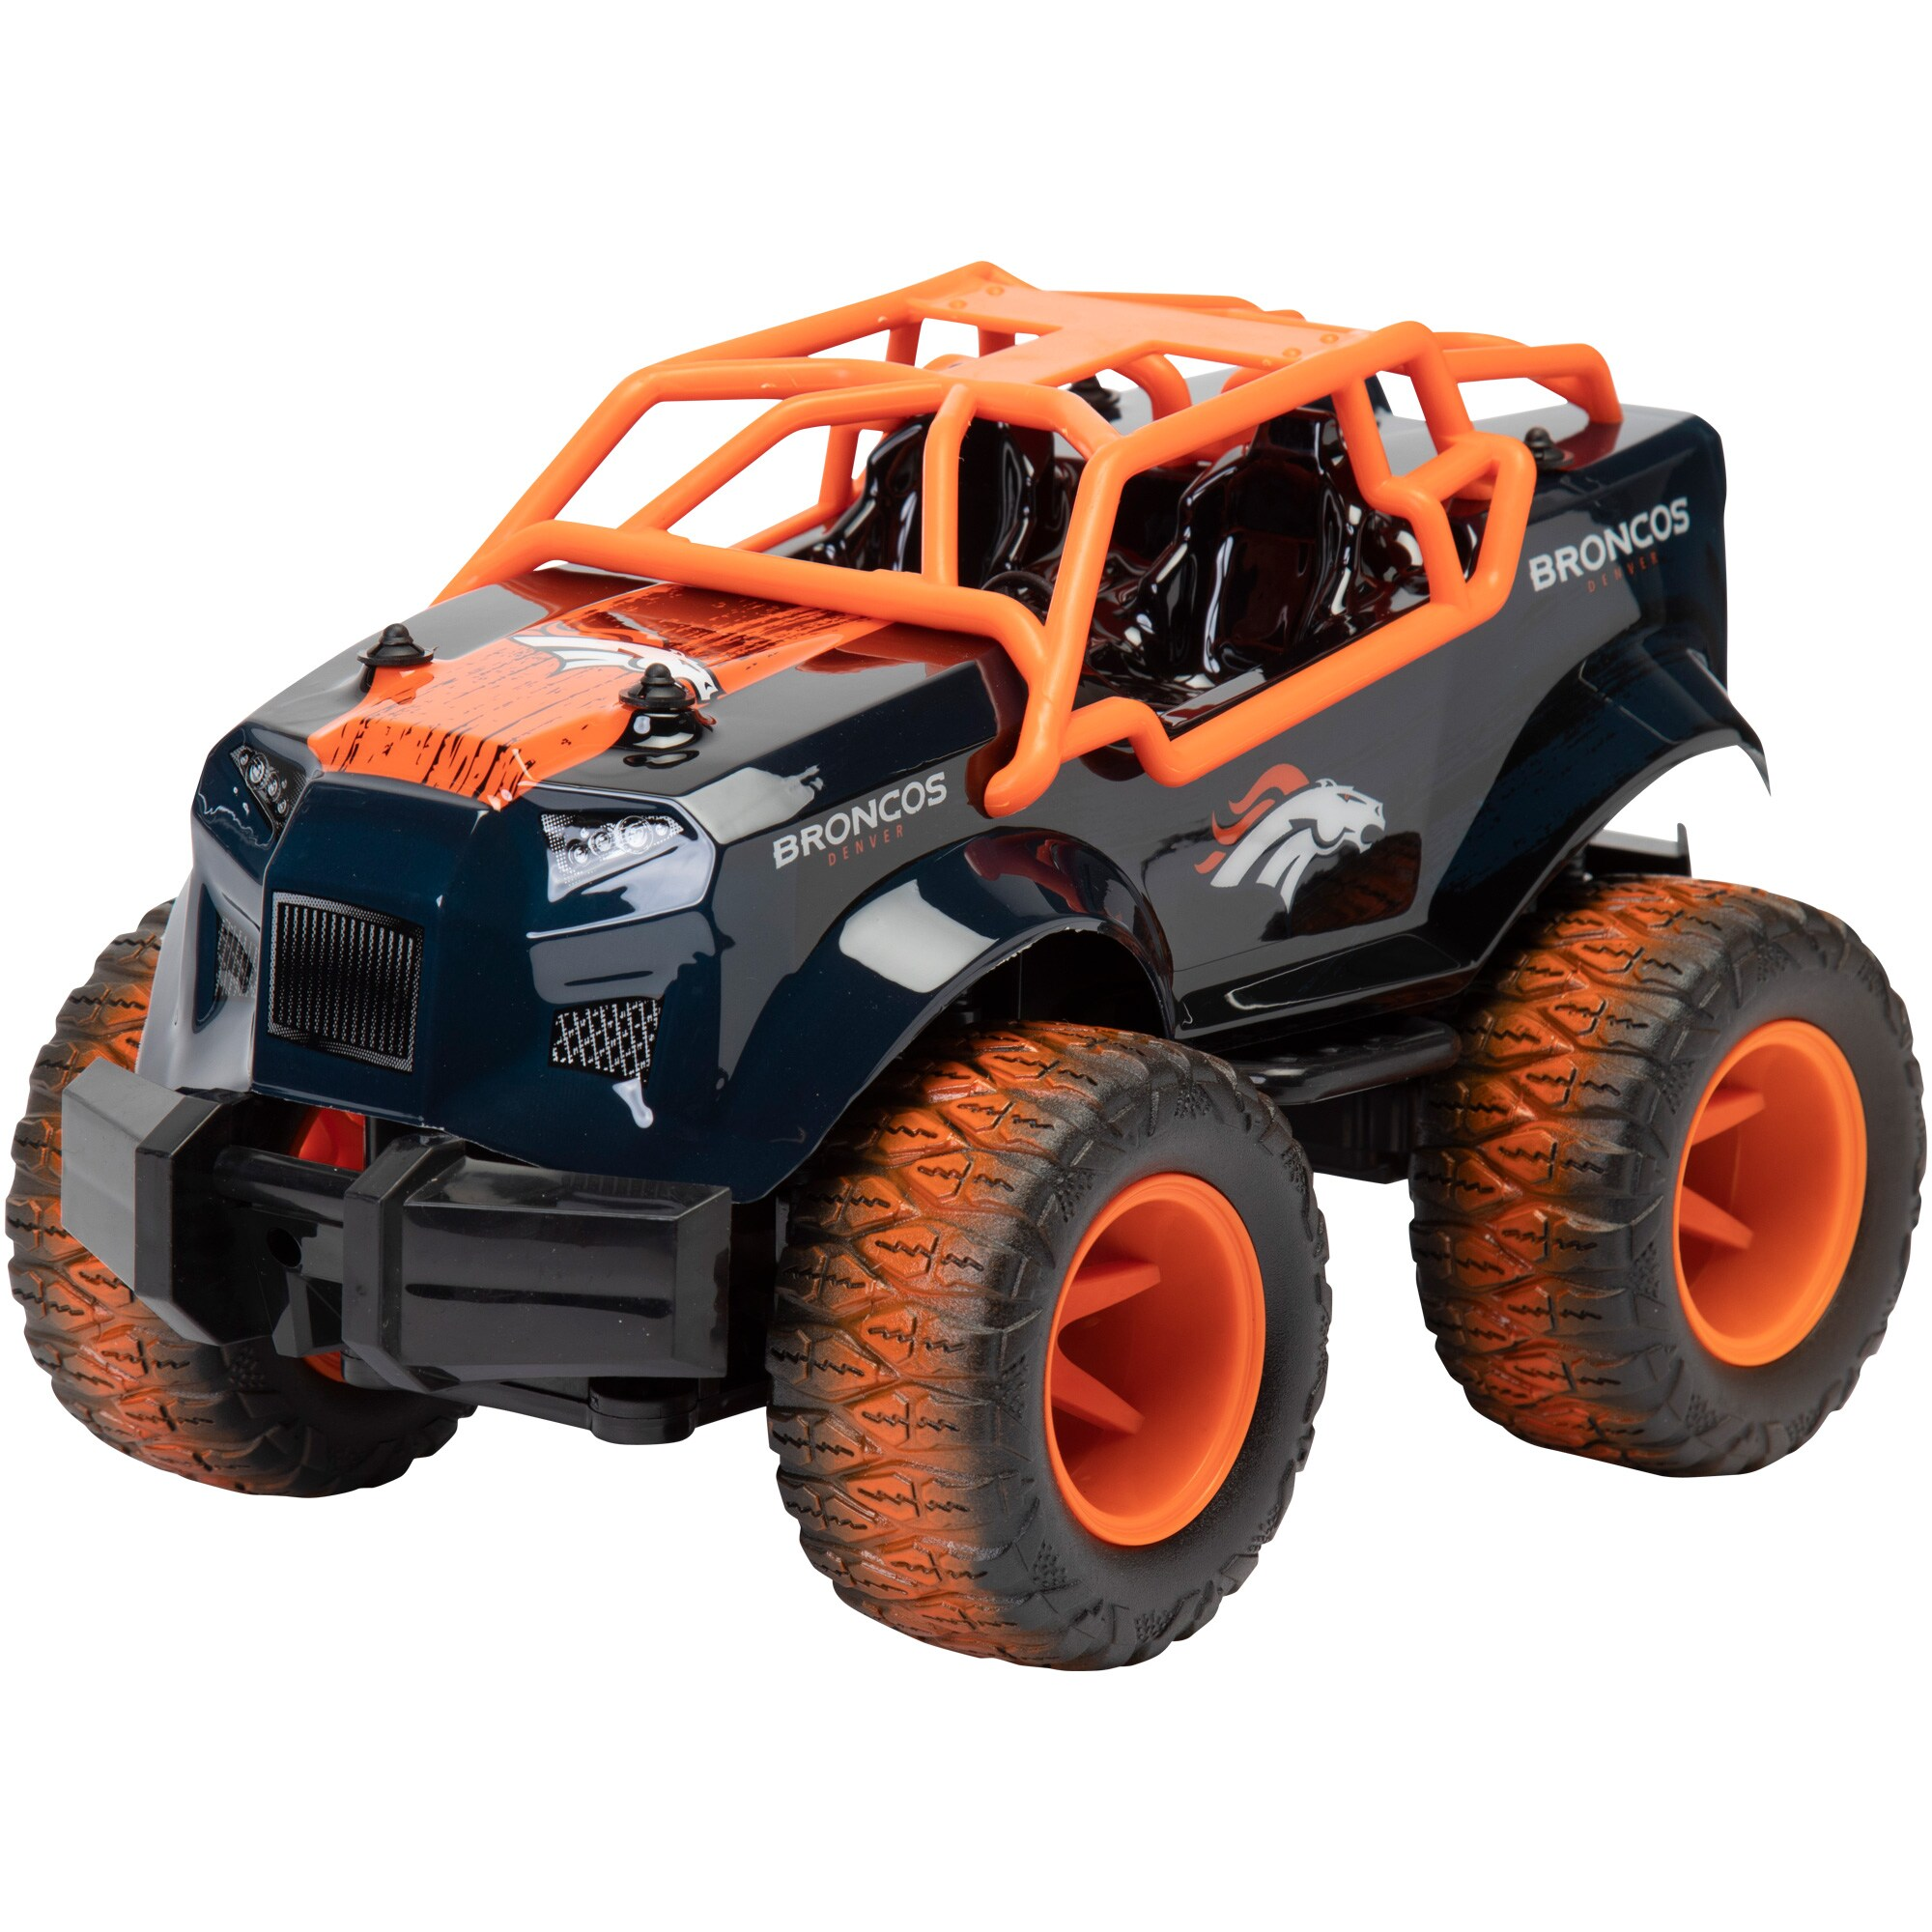 Denver Broncos Monster Truck Toy